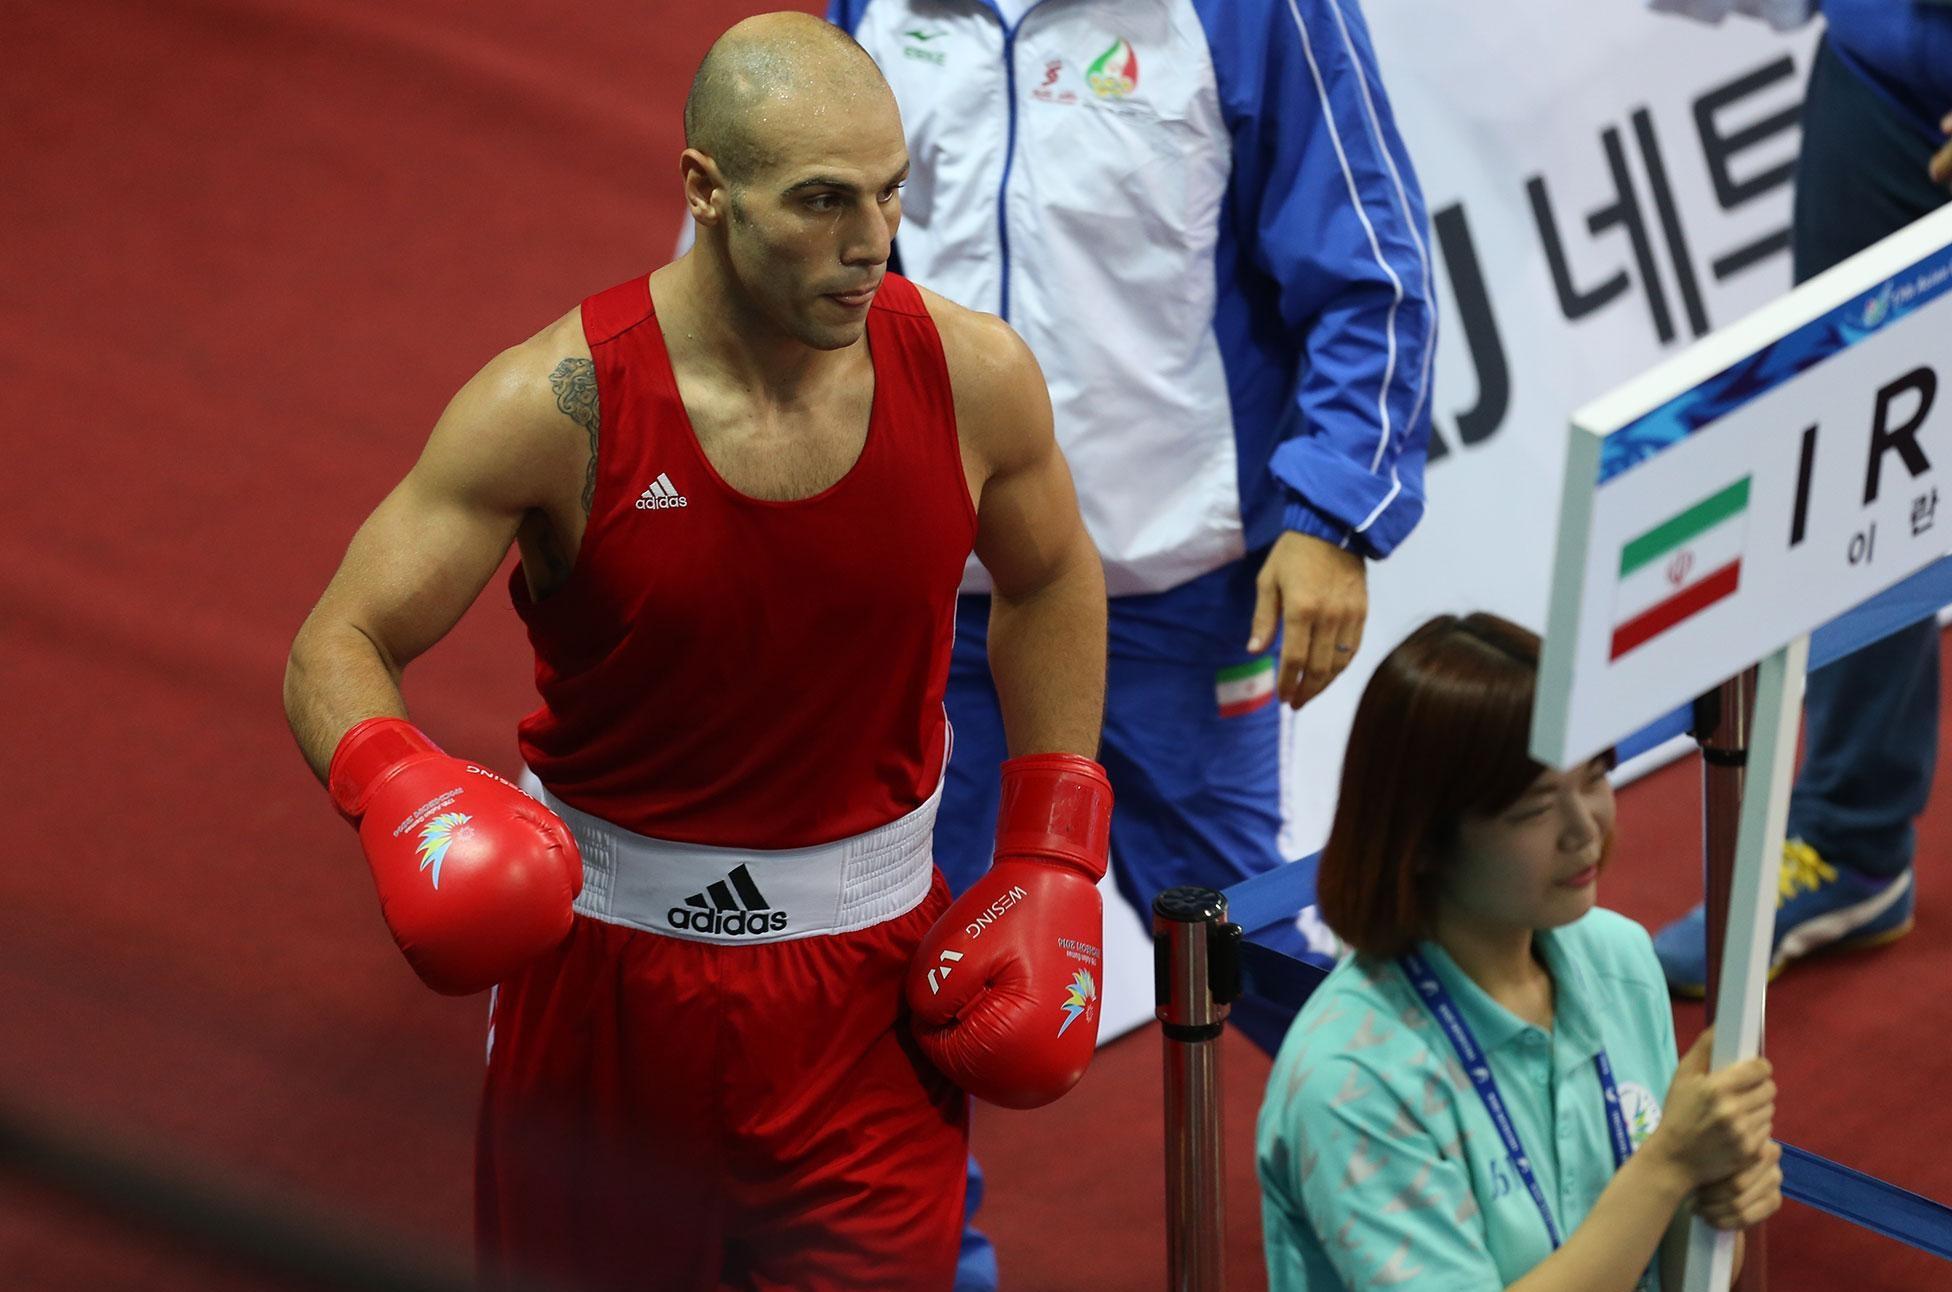 جعفری/////////////از بهانه ورزشکاران برای فرار از المپیک تا پیش بینی نتایج مسابقات